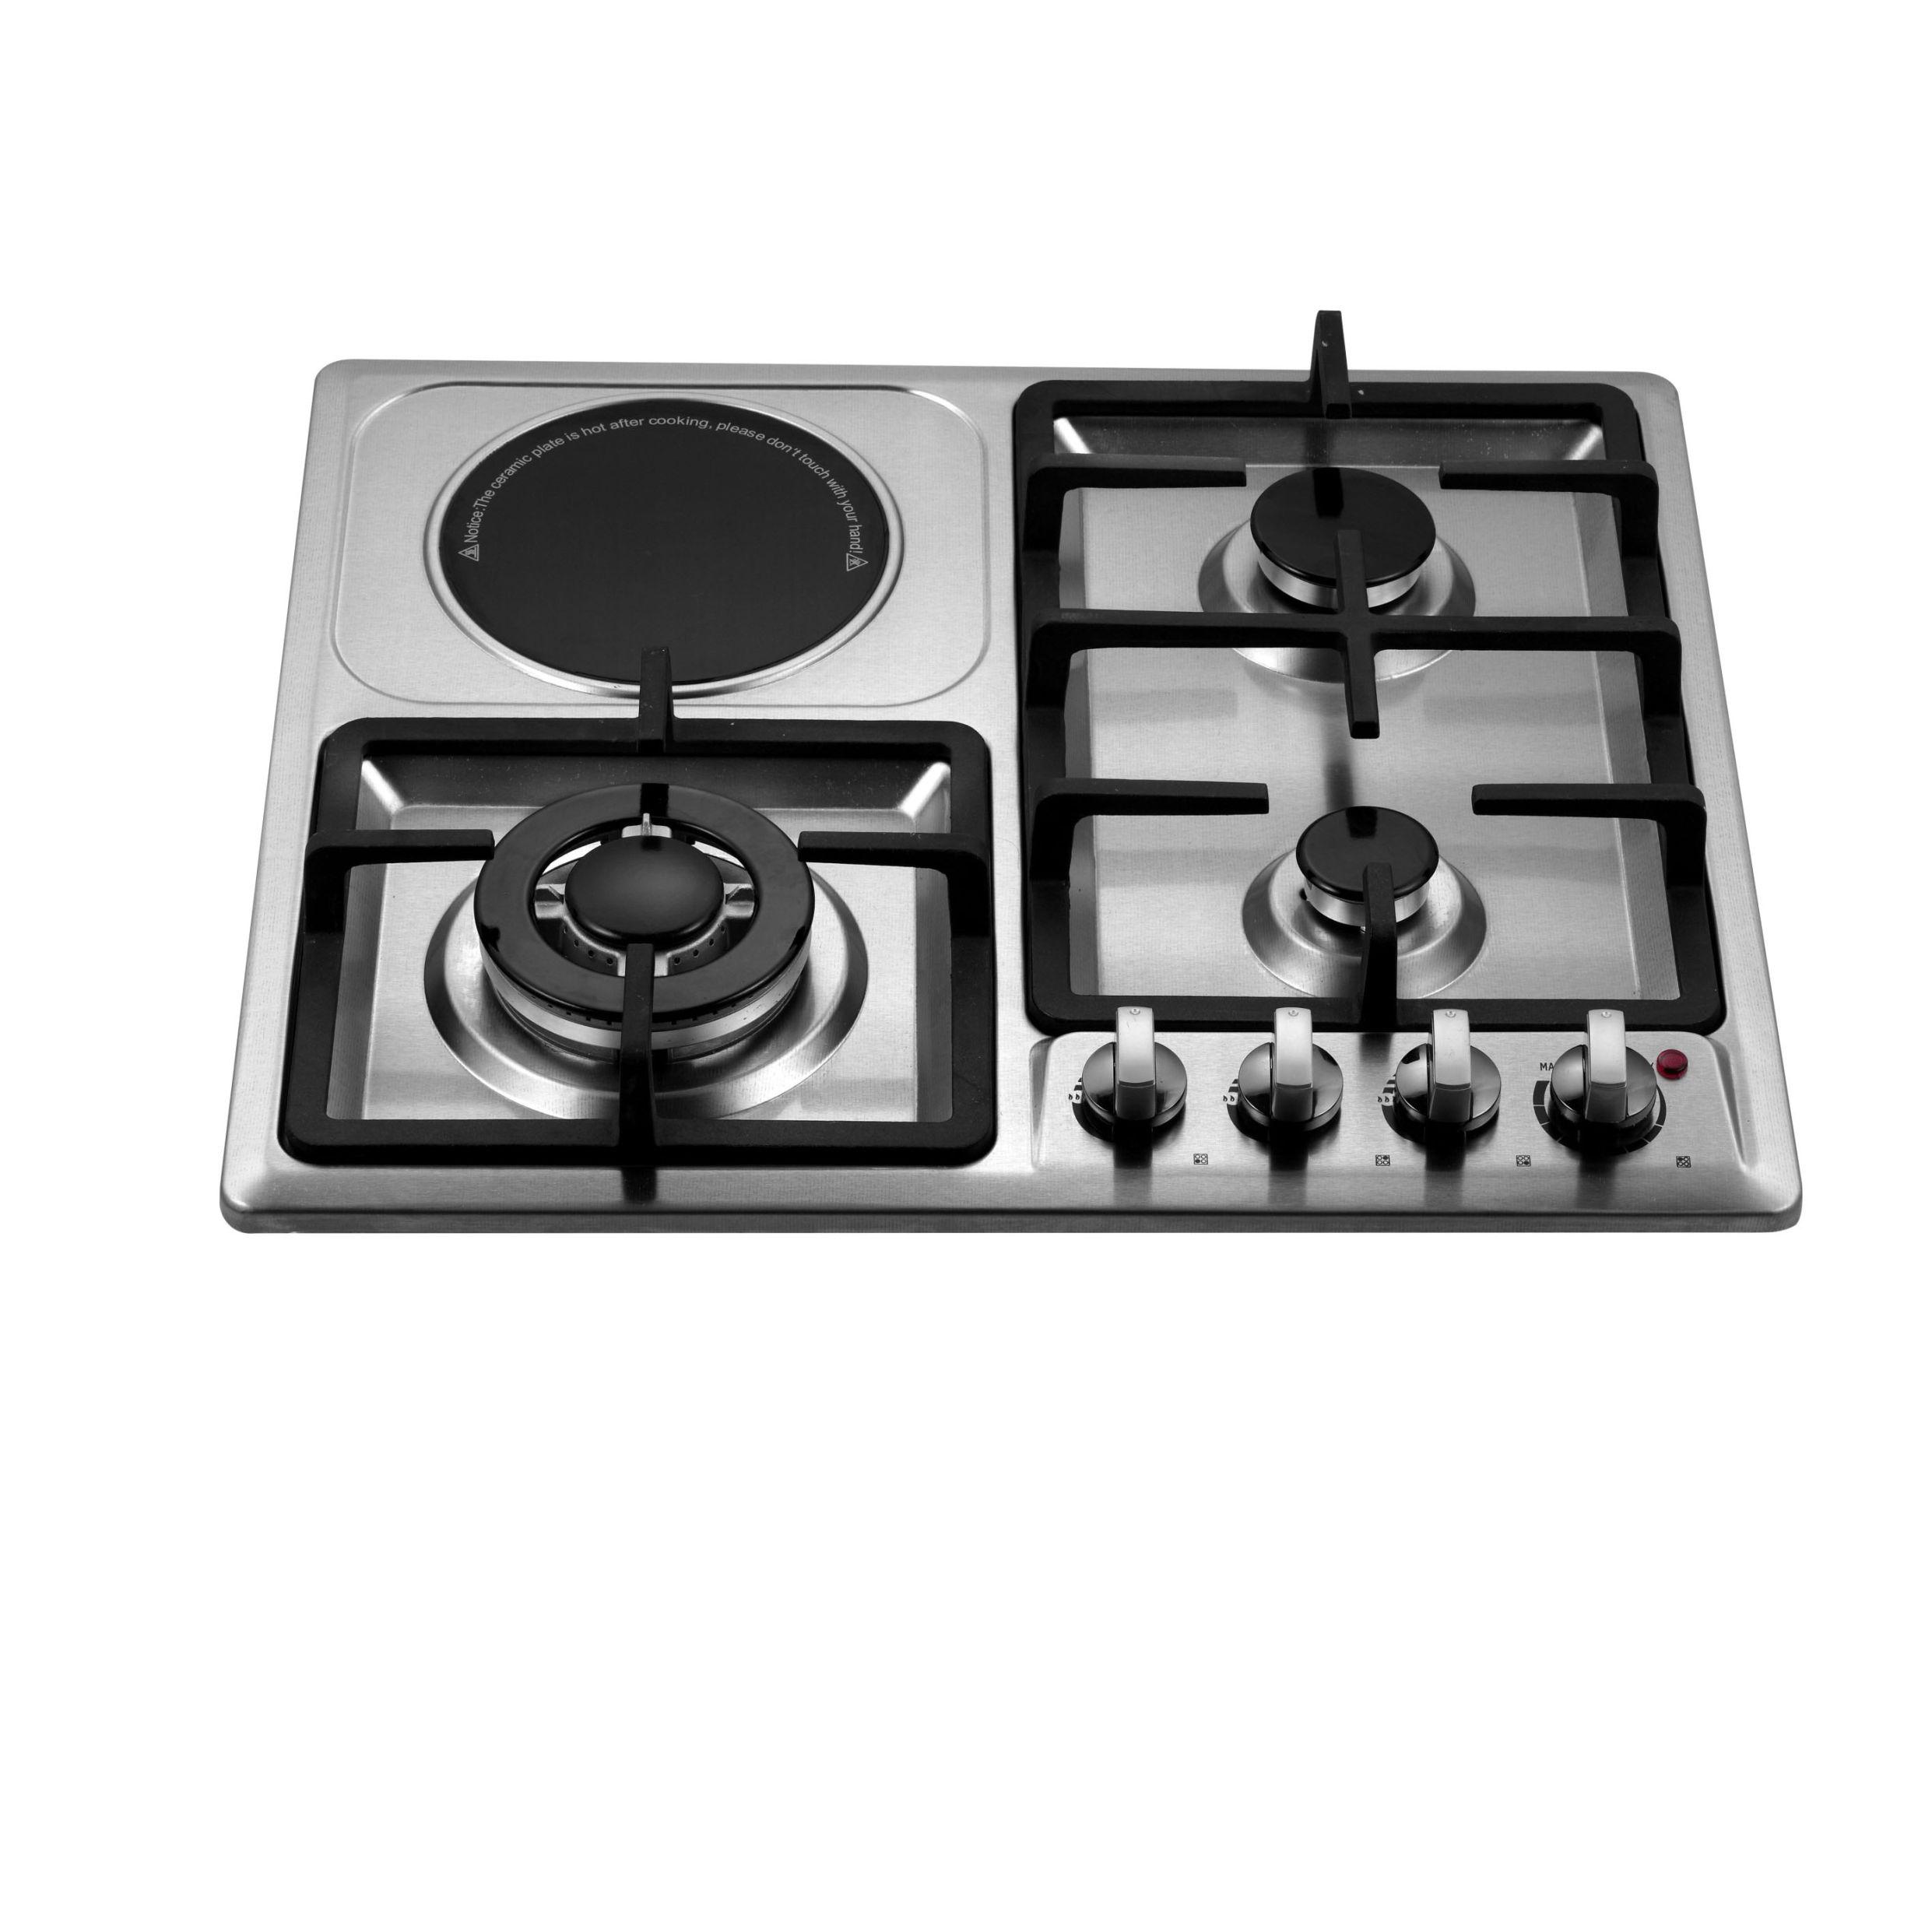 Batterie De Cuisine Gaz appareil de cuisine double usage intégré cuisinière À gaz cuisinière  Électrique - buy cuisinière Électrique,cuisinière À induction avec  cuisinière À